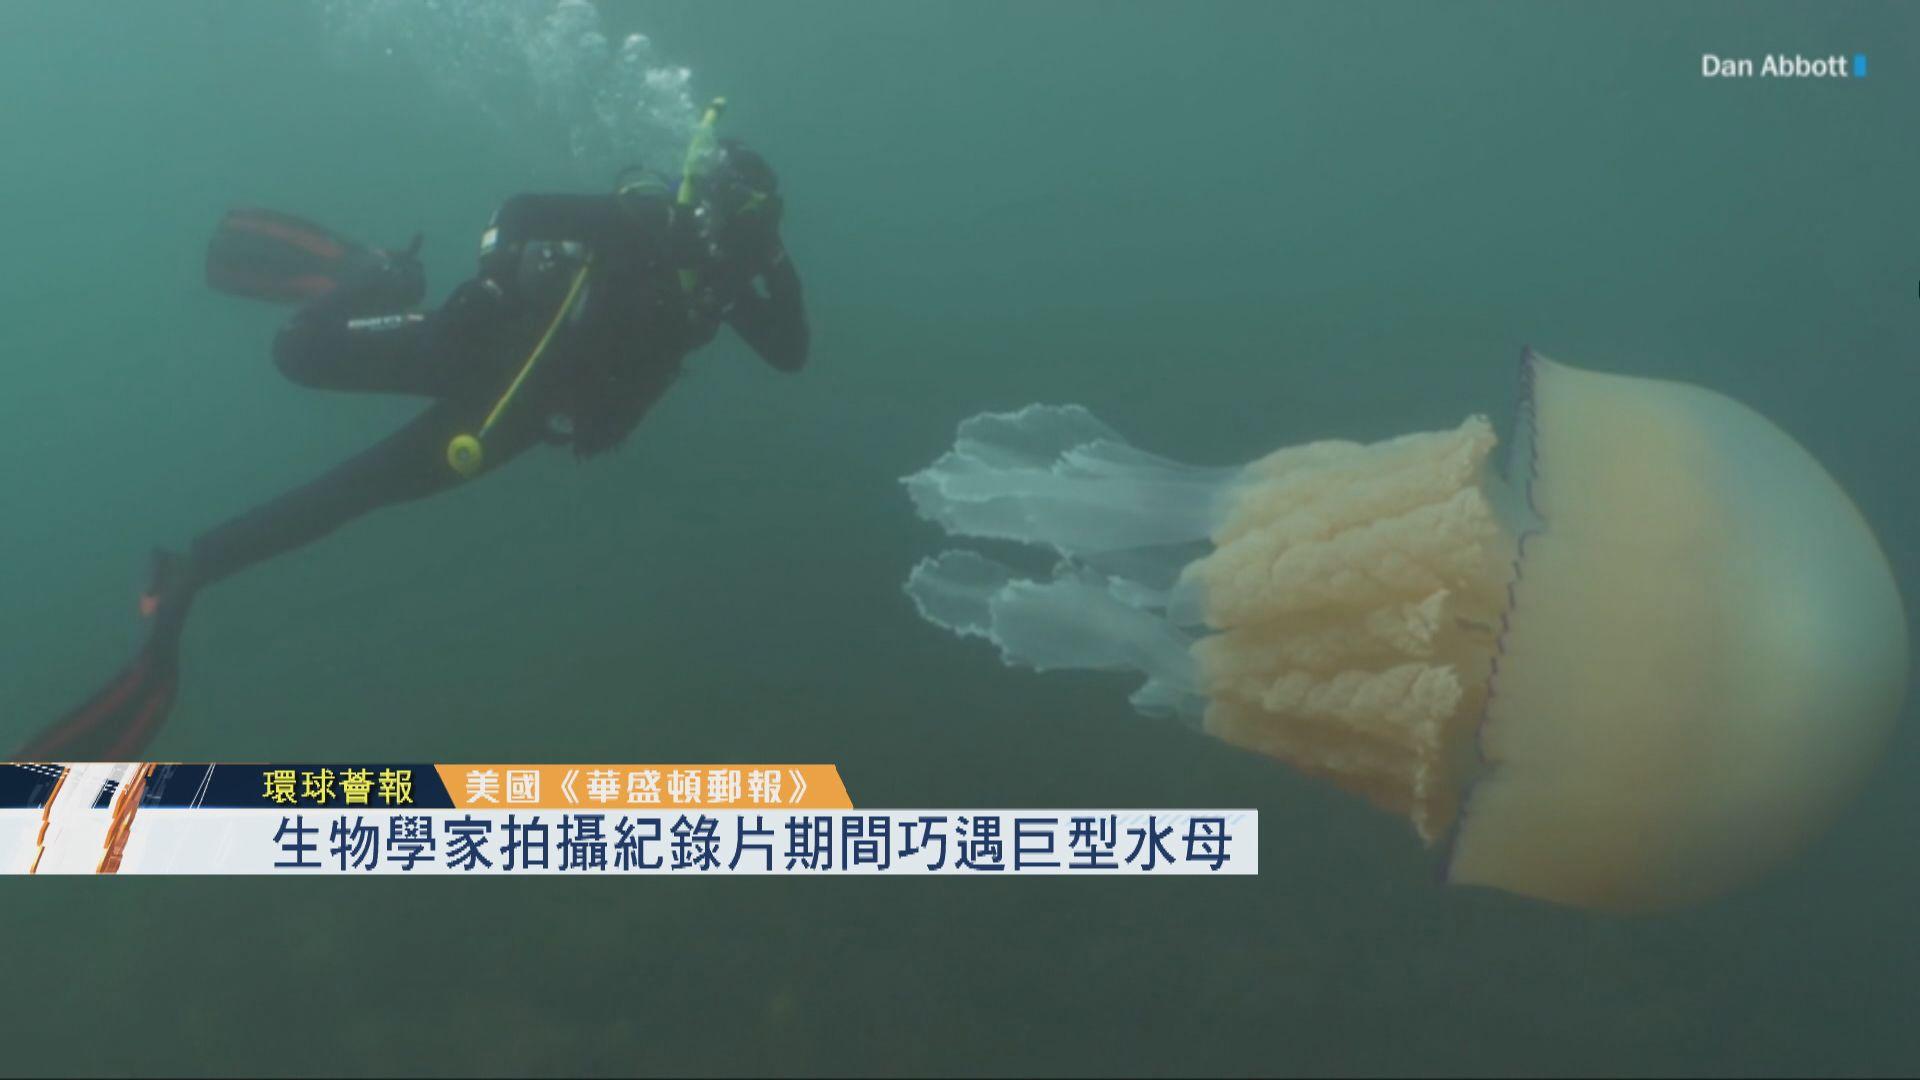 【環球薈報】生物學家拍攝紀錄片期間巧遇巨型水母